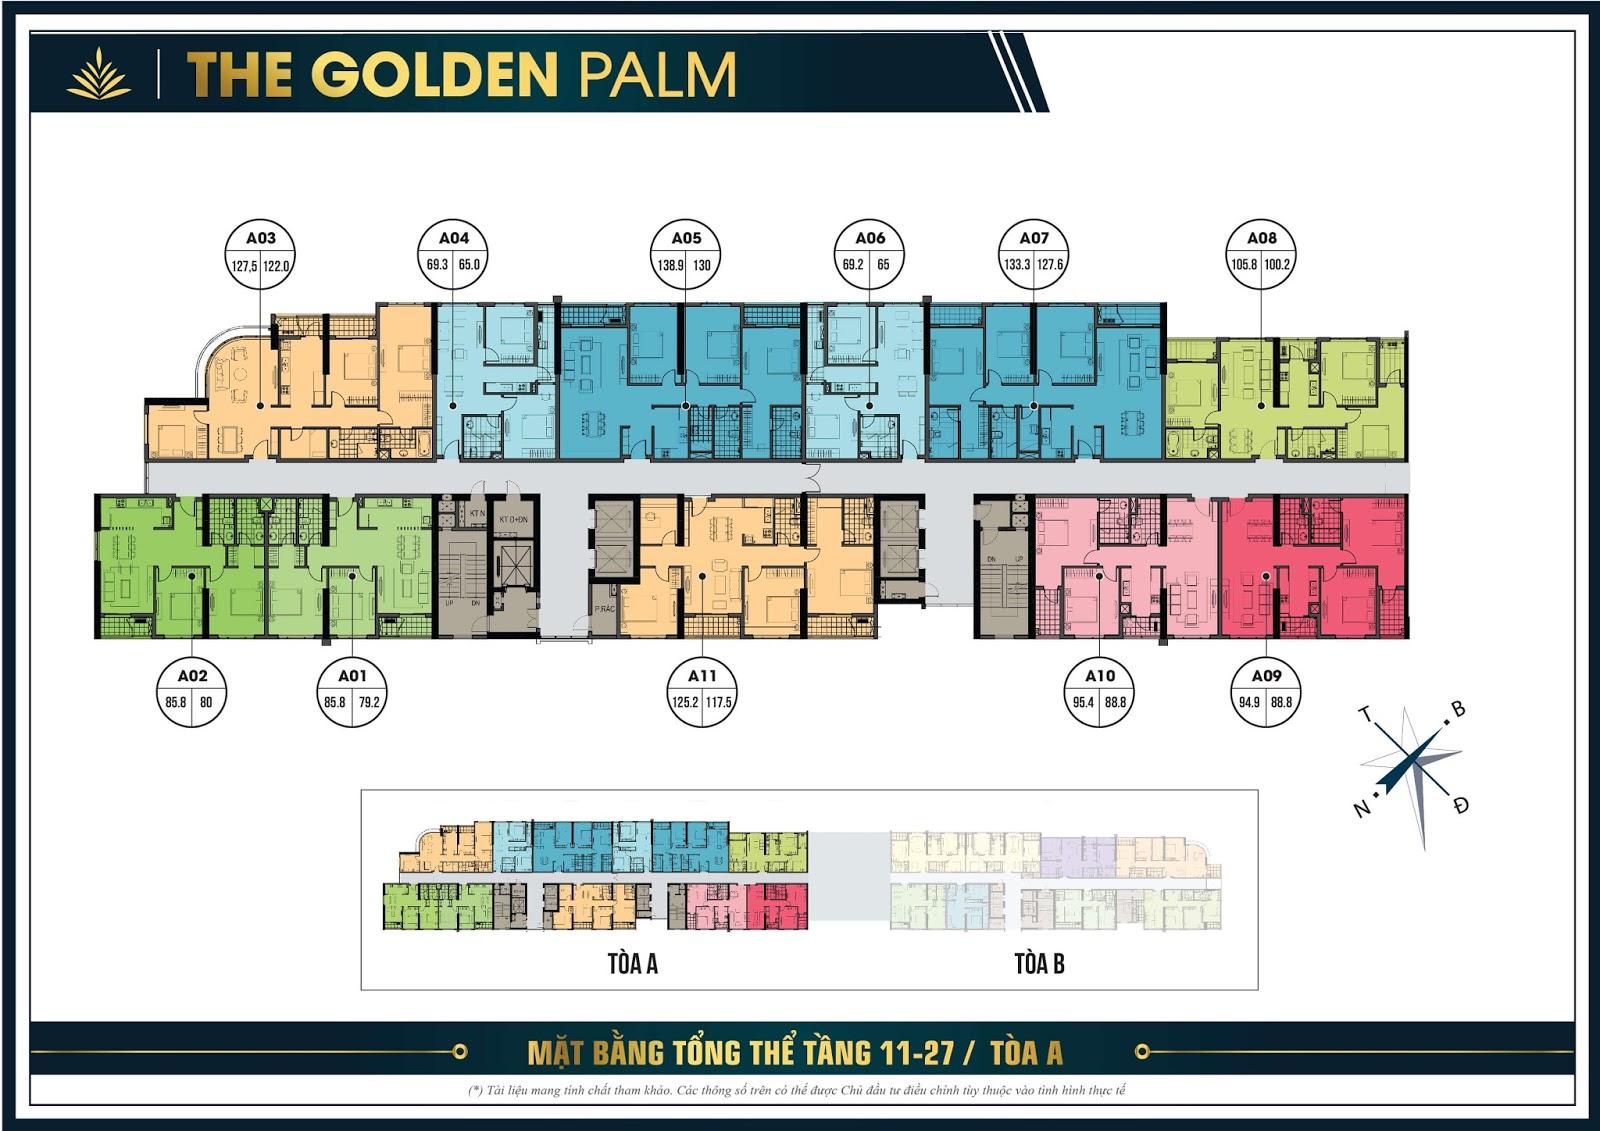 Mặt bằng điển hình tầng 11 đến 27 tòa A - The Golden Palm